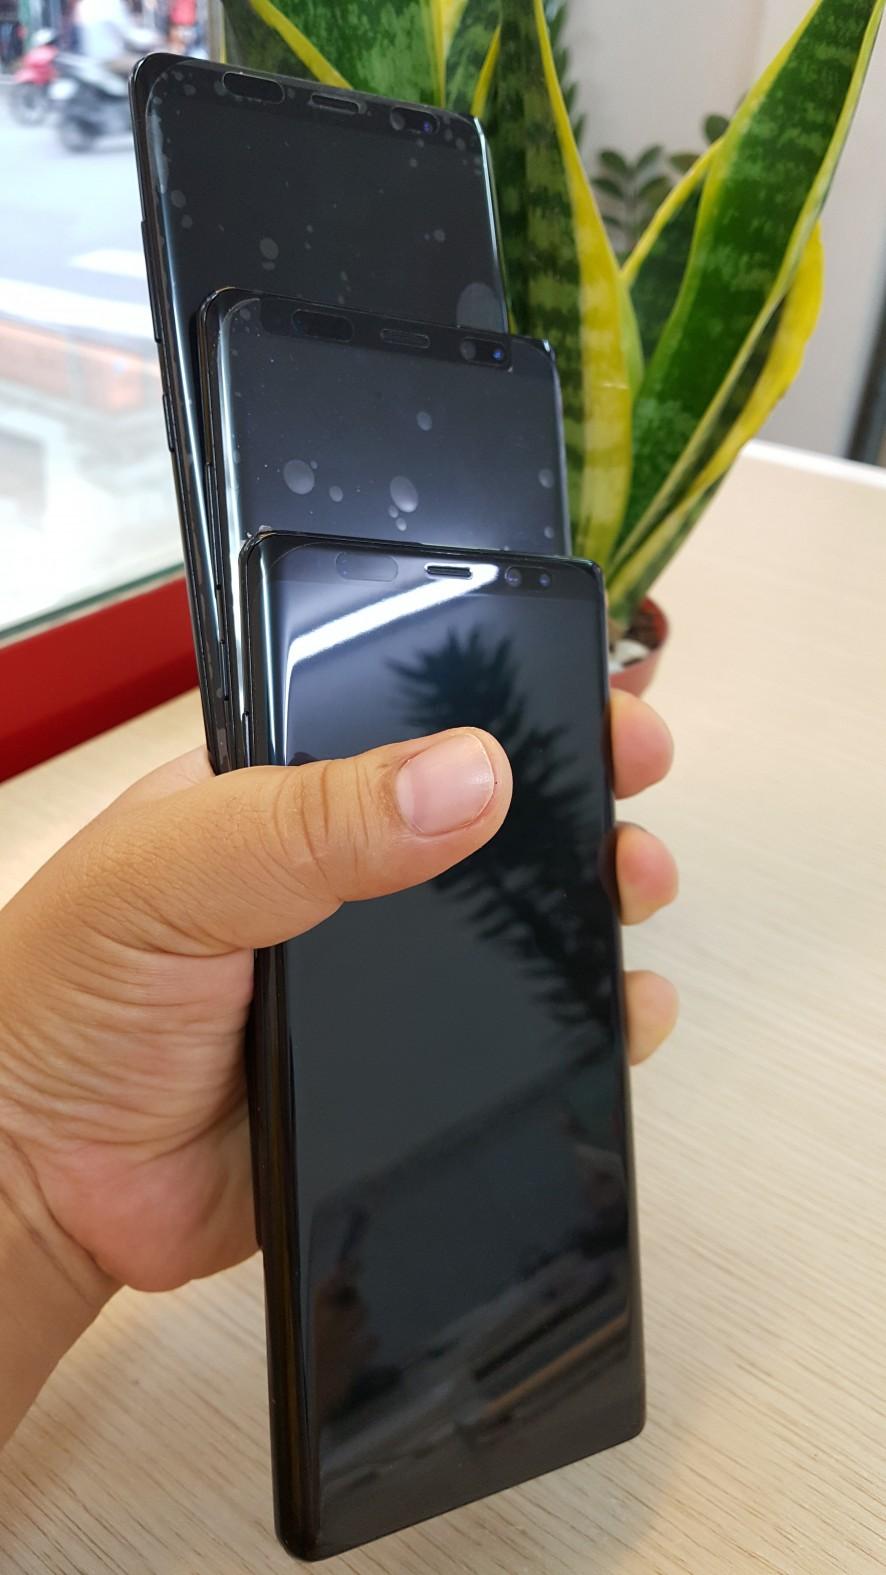 Bộ 3 Galaxy S8| S8+| NOTE 8, Samsung đang HÚT cả thế giới chạy theo!!! - 5